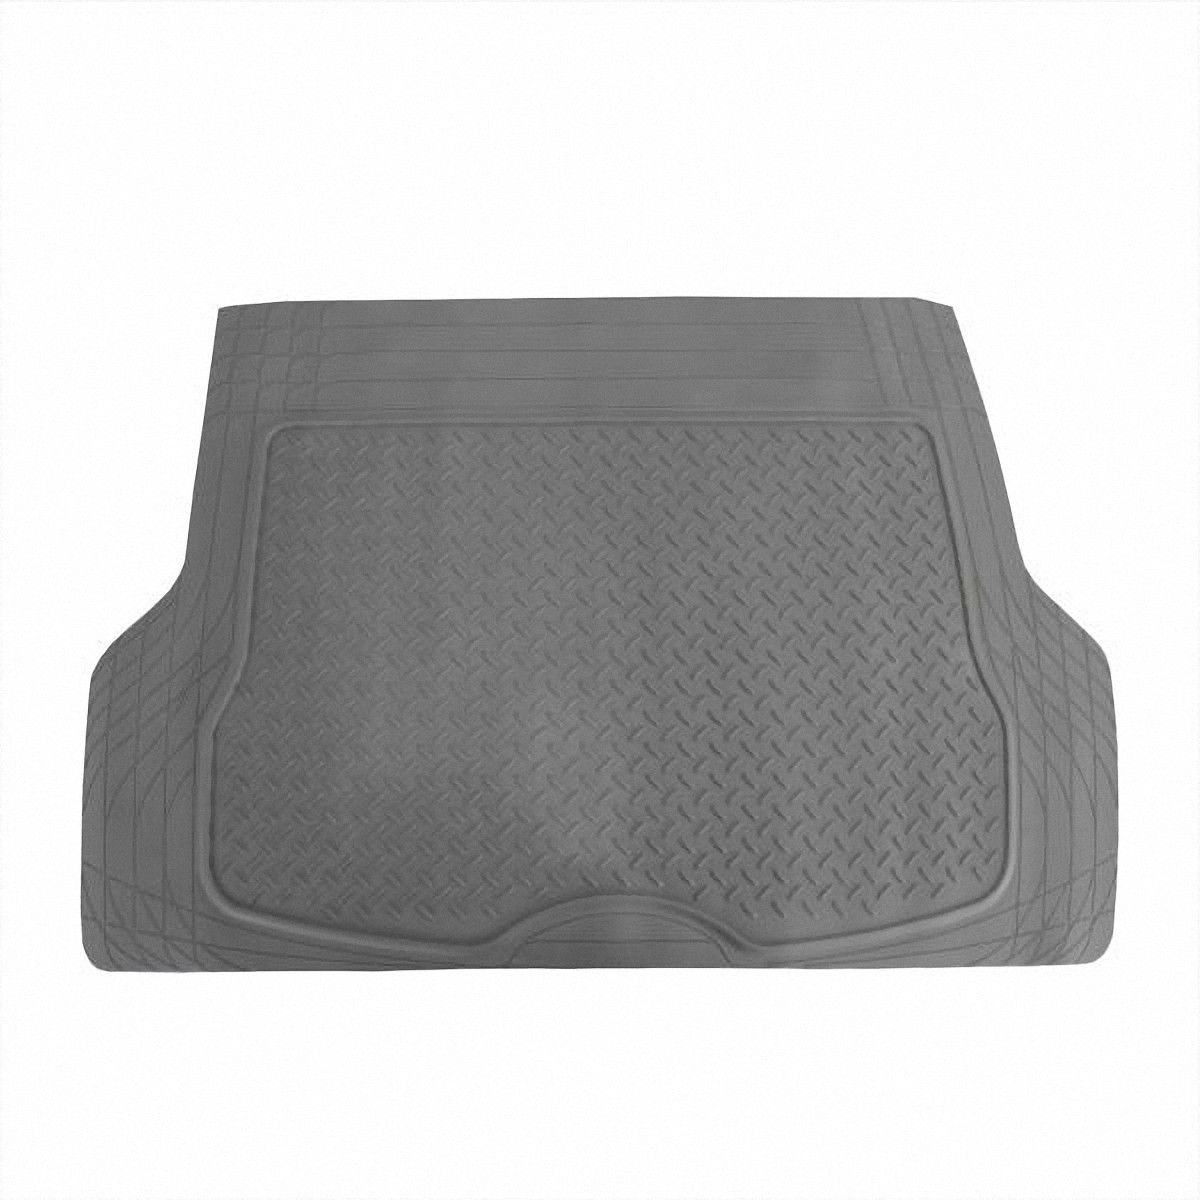 Коврик в салон автомобиля Skyway, в багажник, цвет: серый, 80 х 126,5 смS04701005Коврик сохраняет эластичность даже при экстремально низких и высоких температурах (от -50°С до +50°С). Обладает повышенной устойчивостью к износу и агрессивным средам, таким как антигололёдные реагенты, масло и топливо. Усовершенствованная конструкция изделия обеспечивает плотное прилегание и надёжную фиксацию коврика на полу автомобиля.Размер: 80 х 126,5 см.